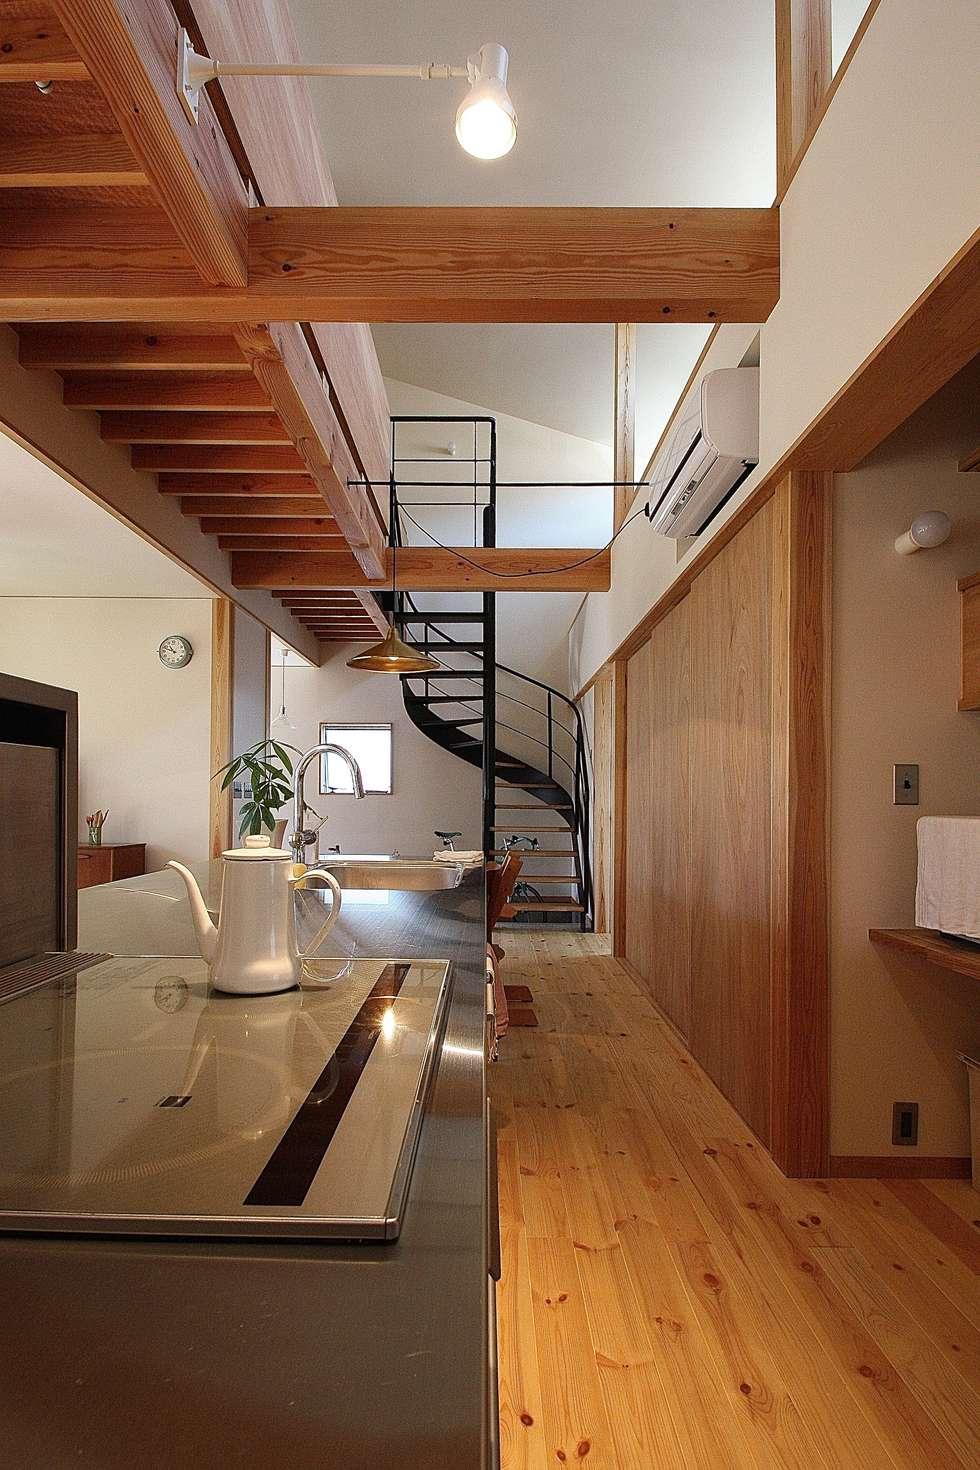 キッチンからダイニングを見る: 伊藤瑞貴建築設計事務所が手掛けたキッチンです。